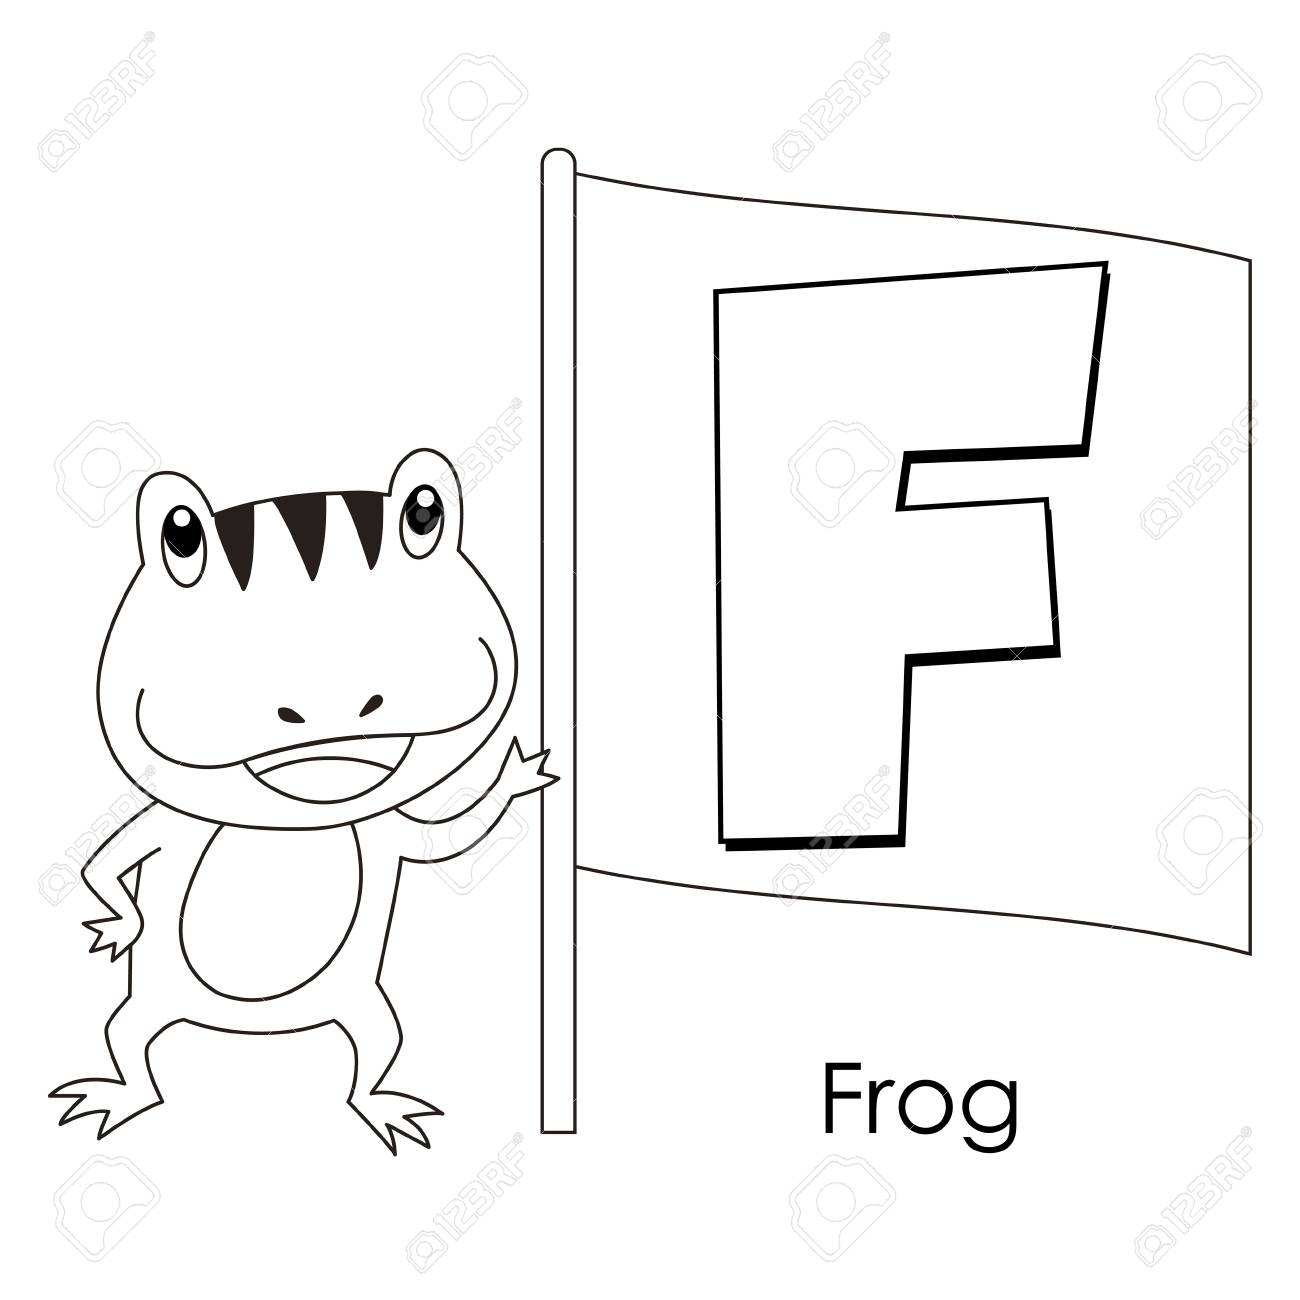 Malvorlagen Alphabet Für Kinder, F Mit Frosch Lizenzfrei Nutzbare ...